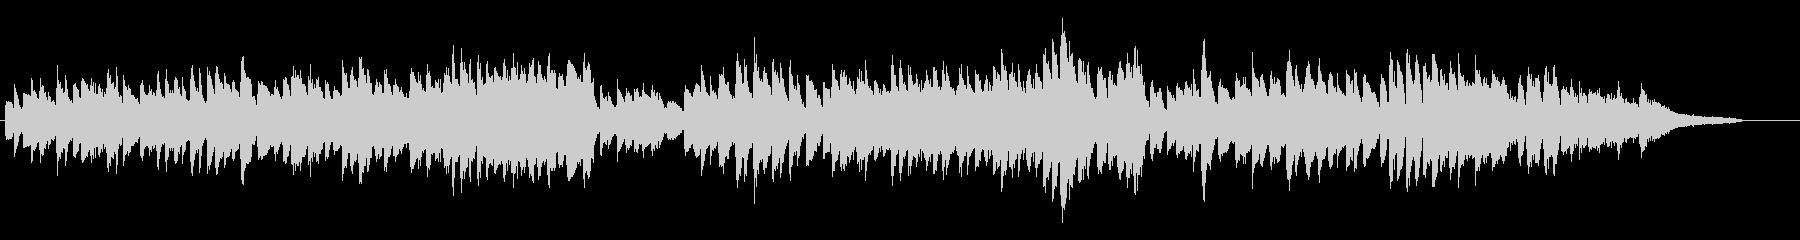 シューマン 軽やかで暖かなピアノ曲高音質の未再生の波形